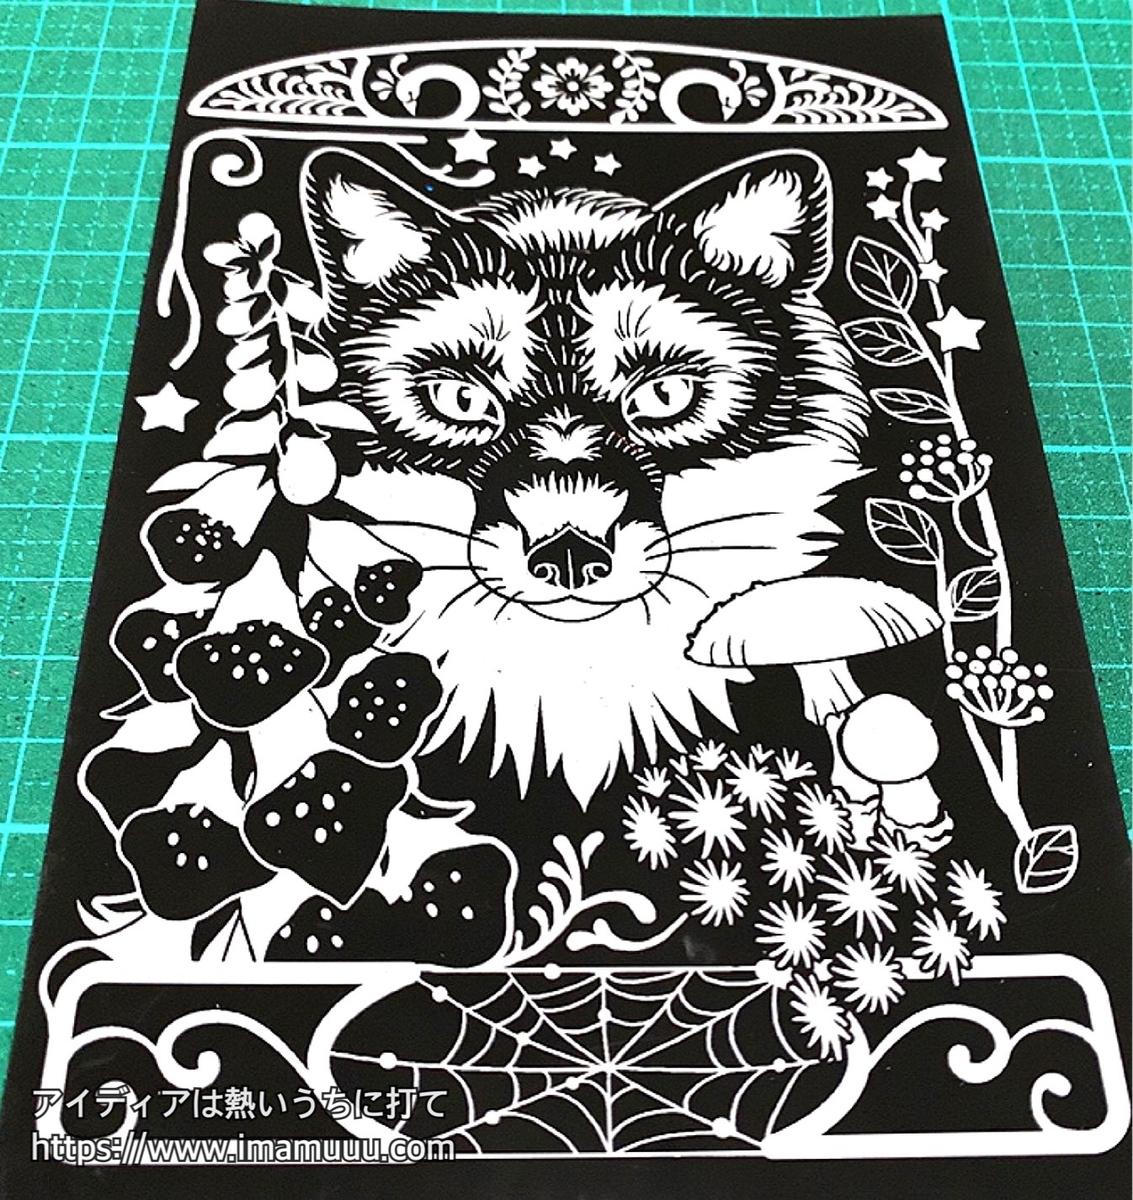 キツネと花とキノコのイラスト